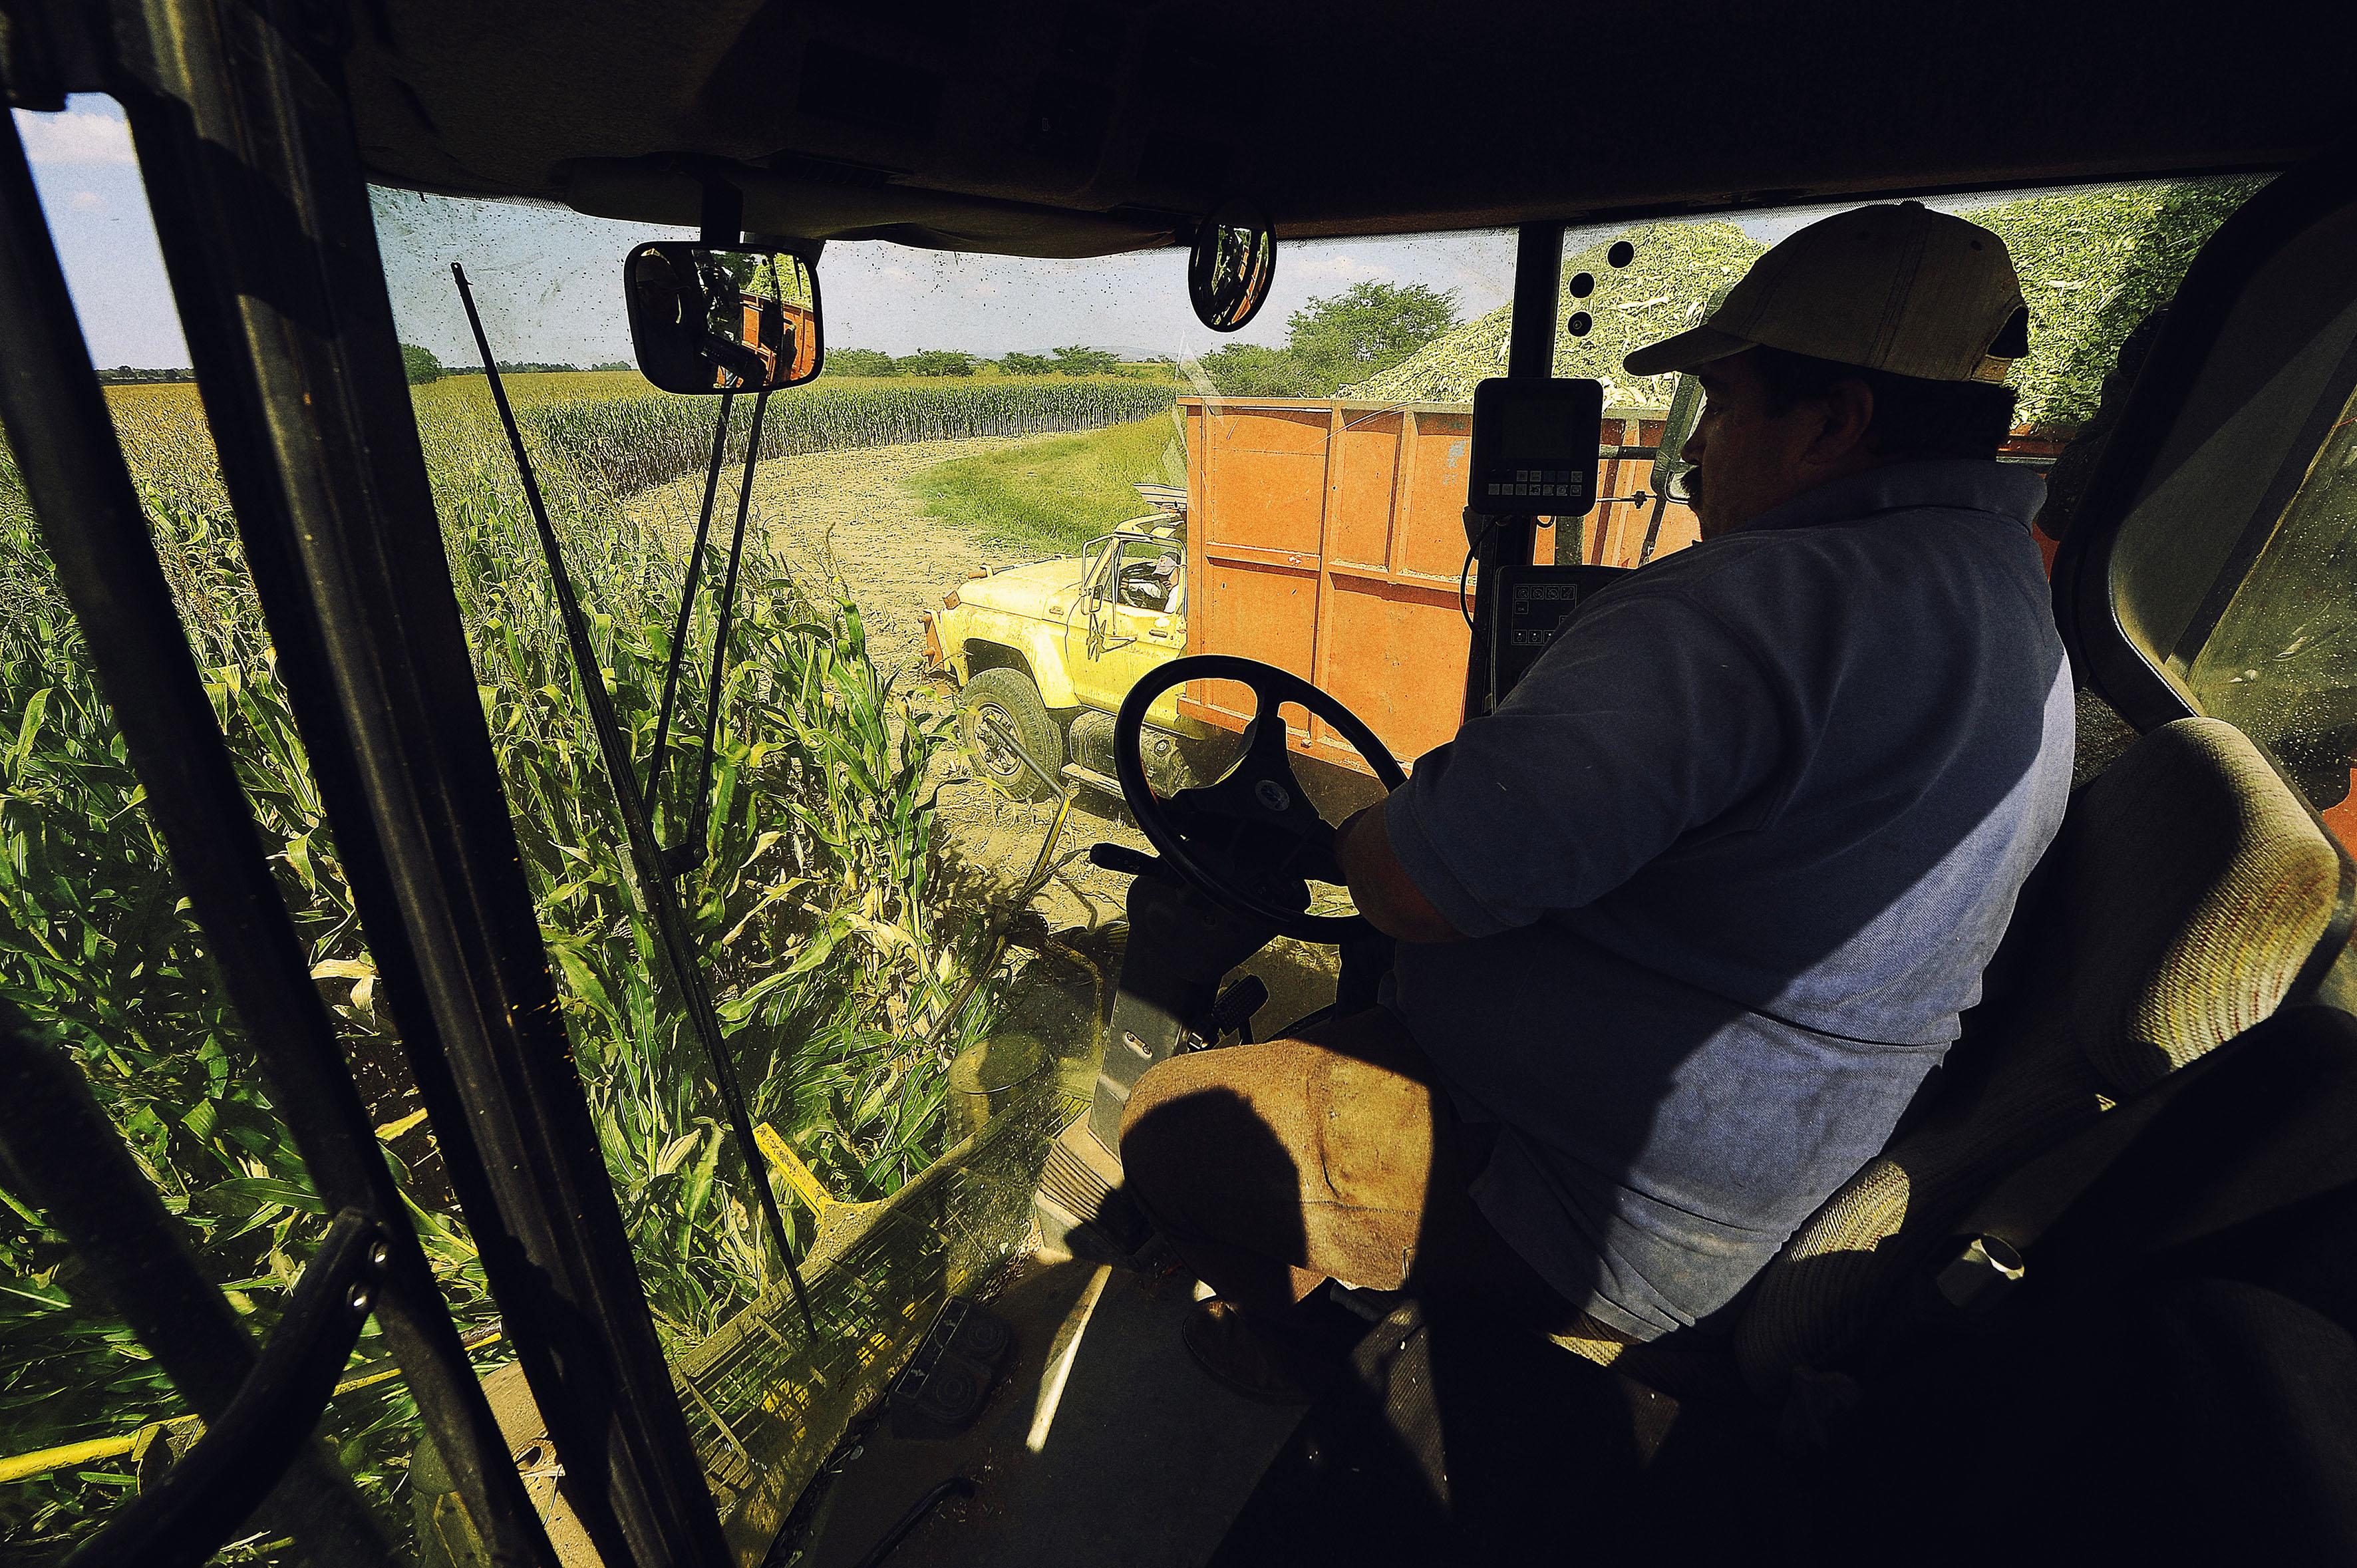 Hombre trabajando el campo, arriba de un tractor.